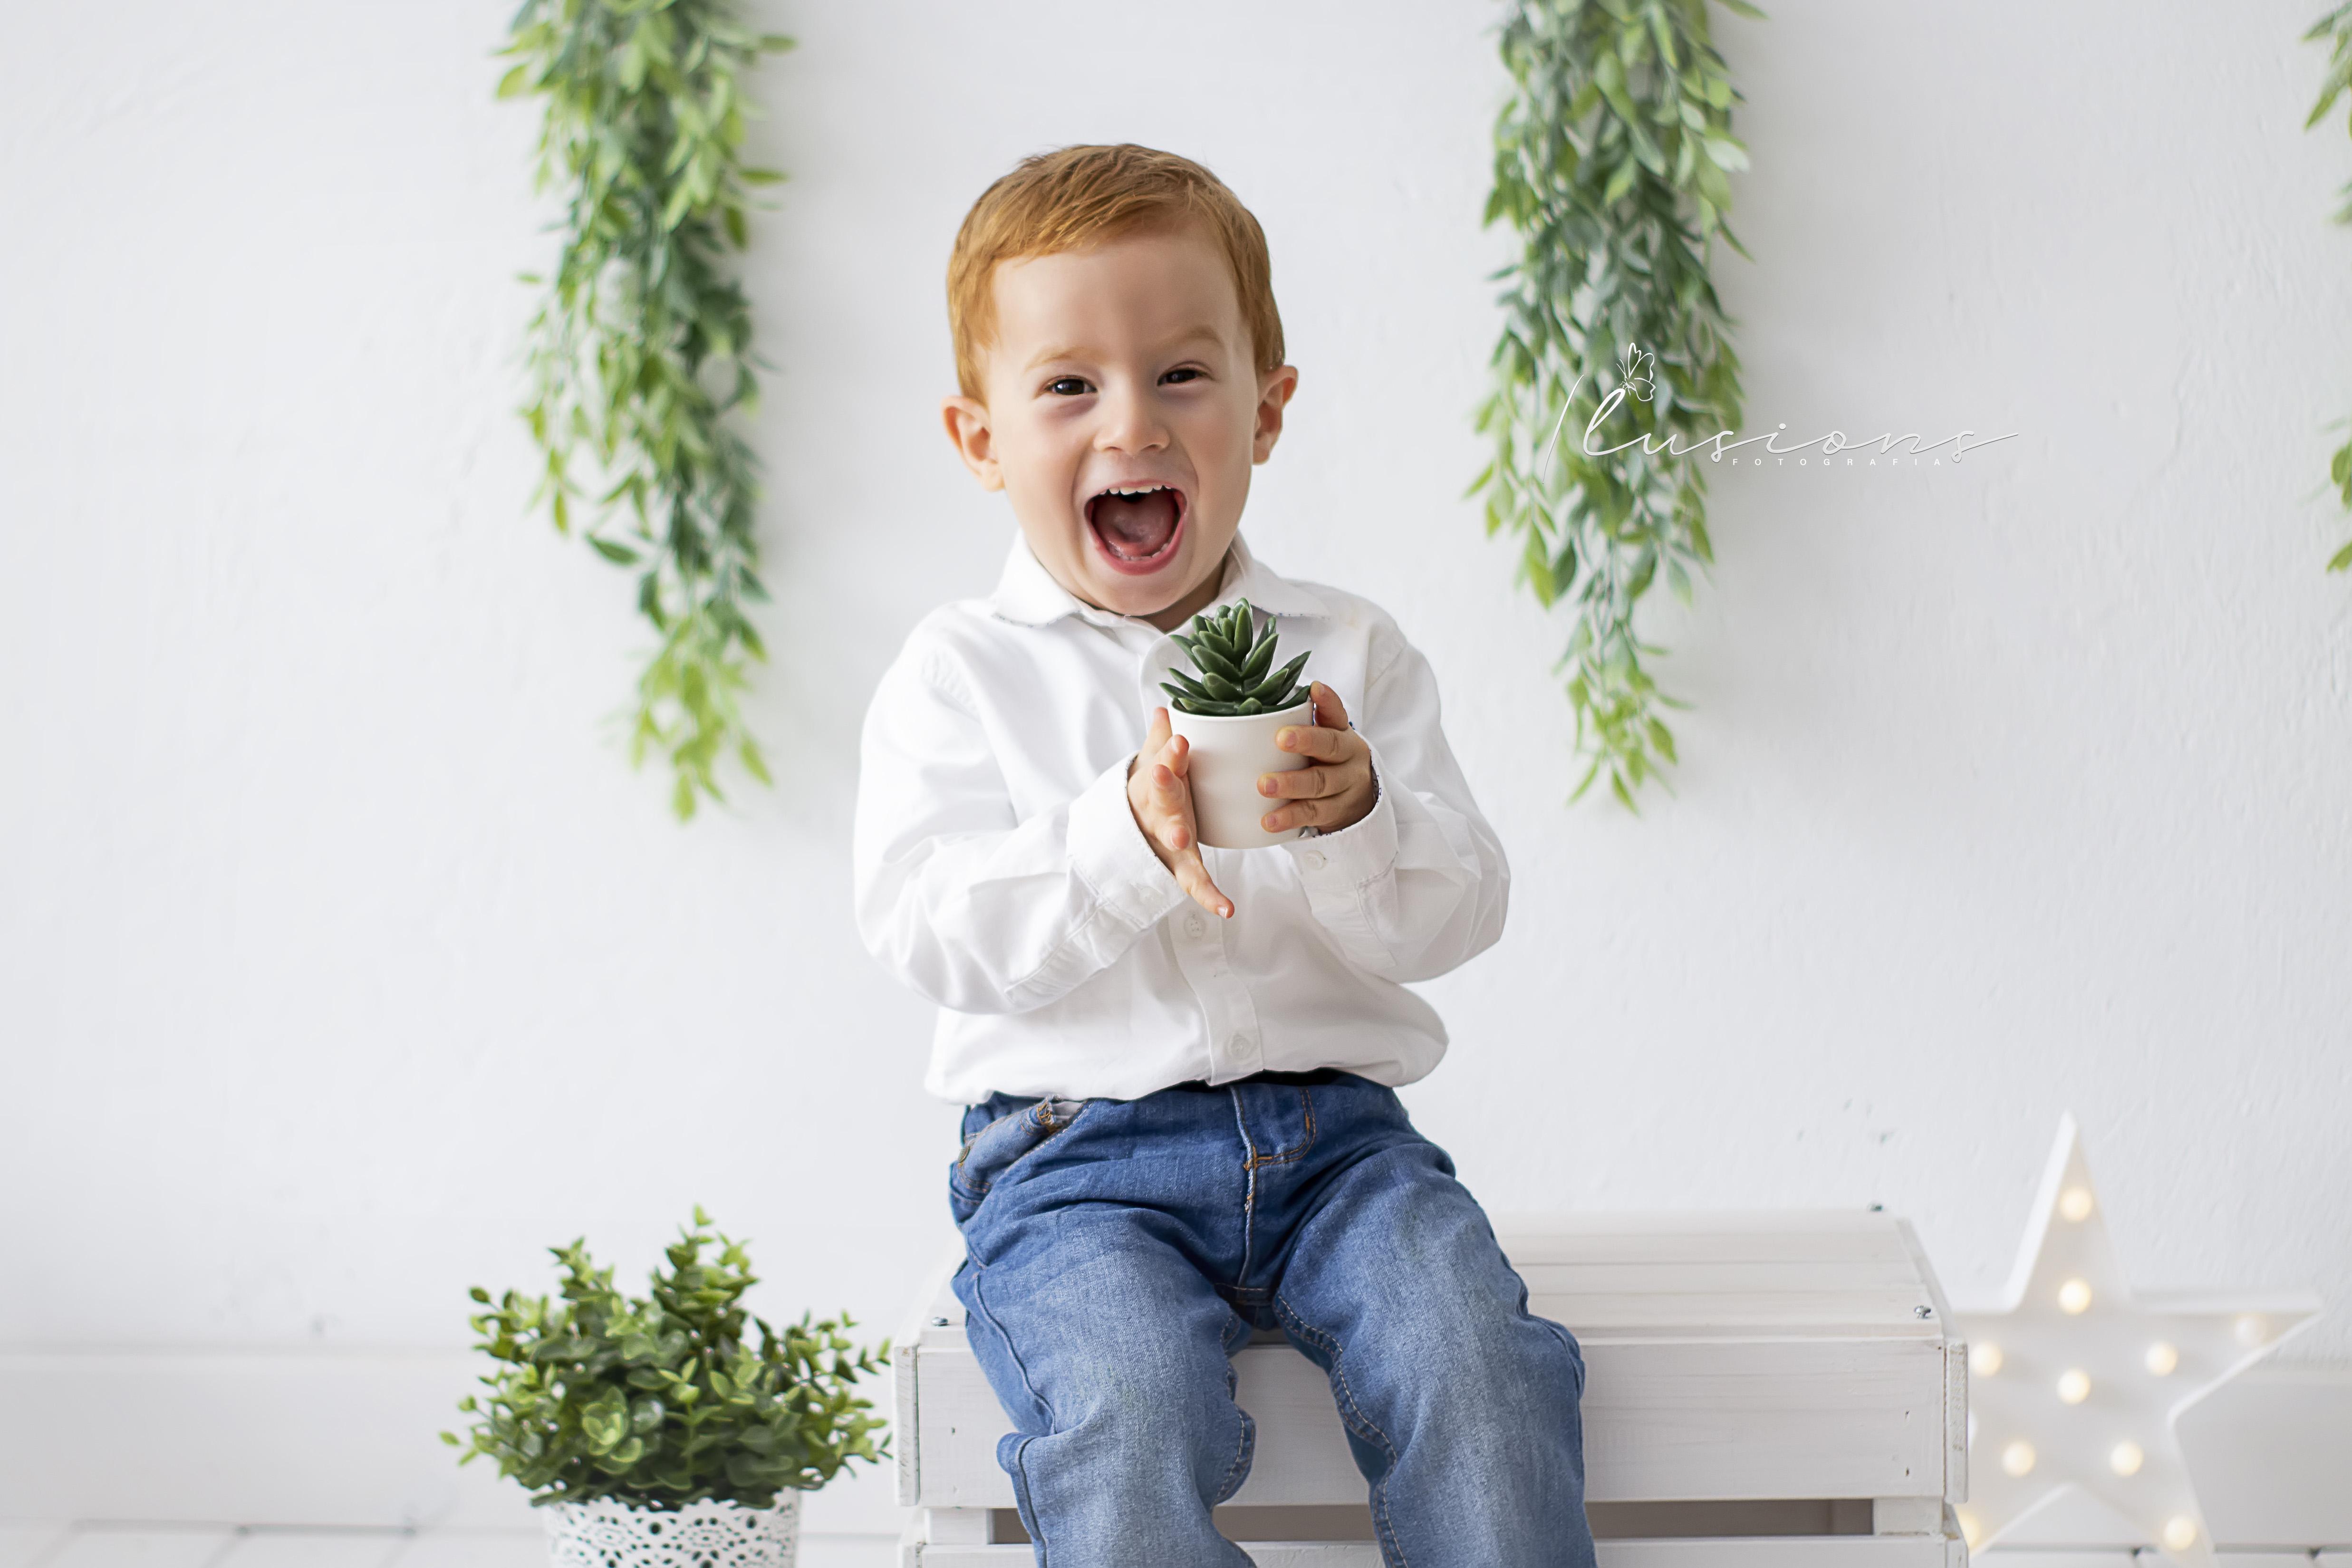 fotografia niño sonriente con planta